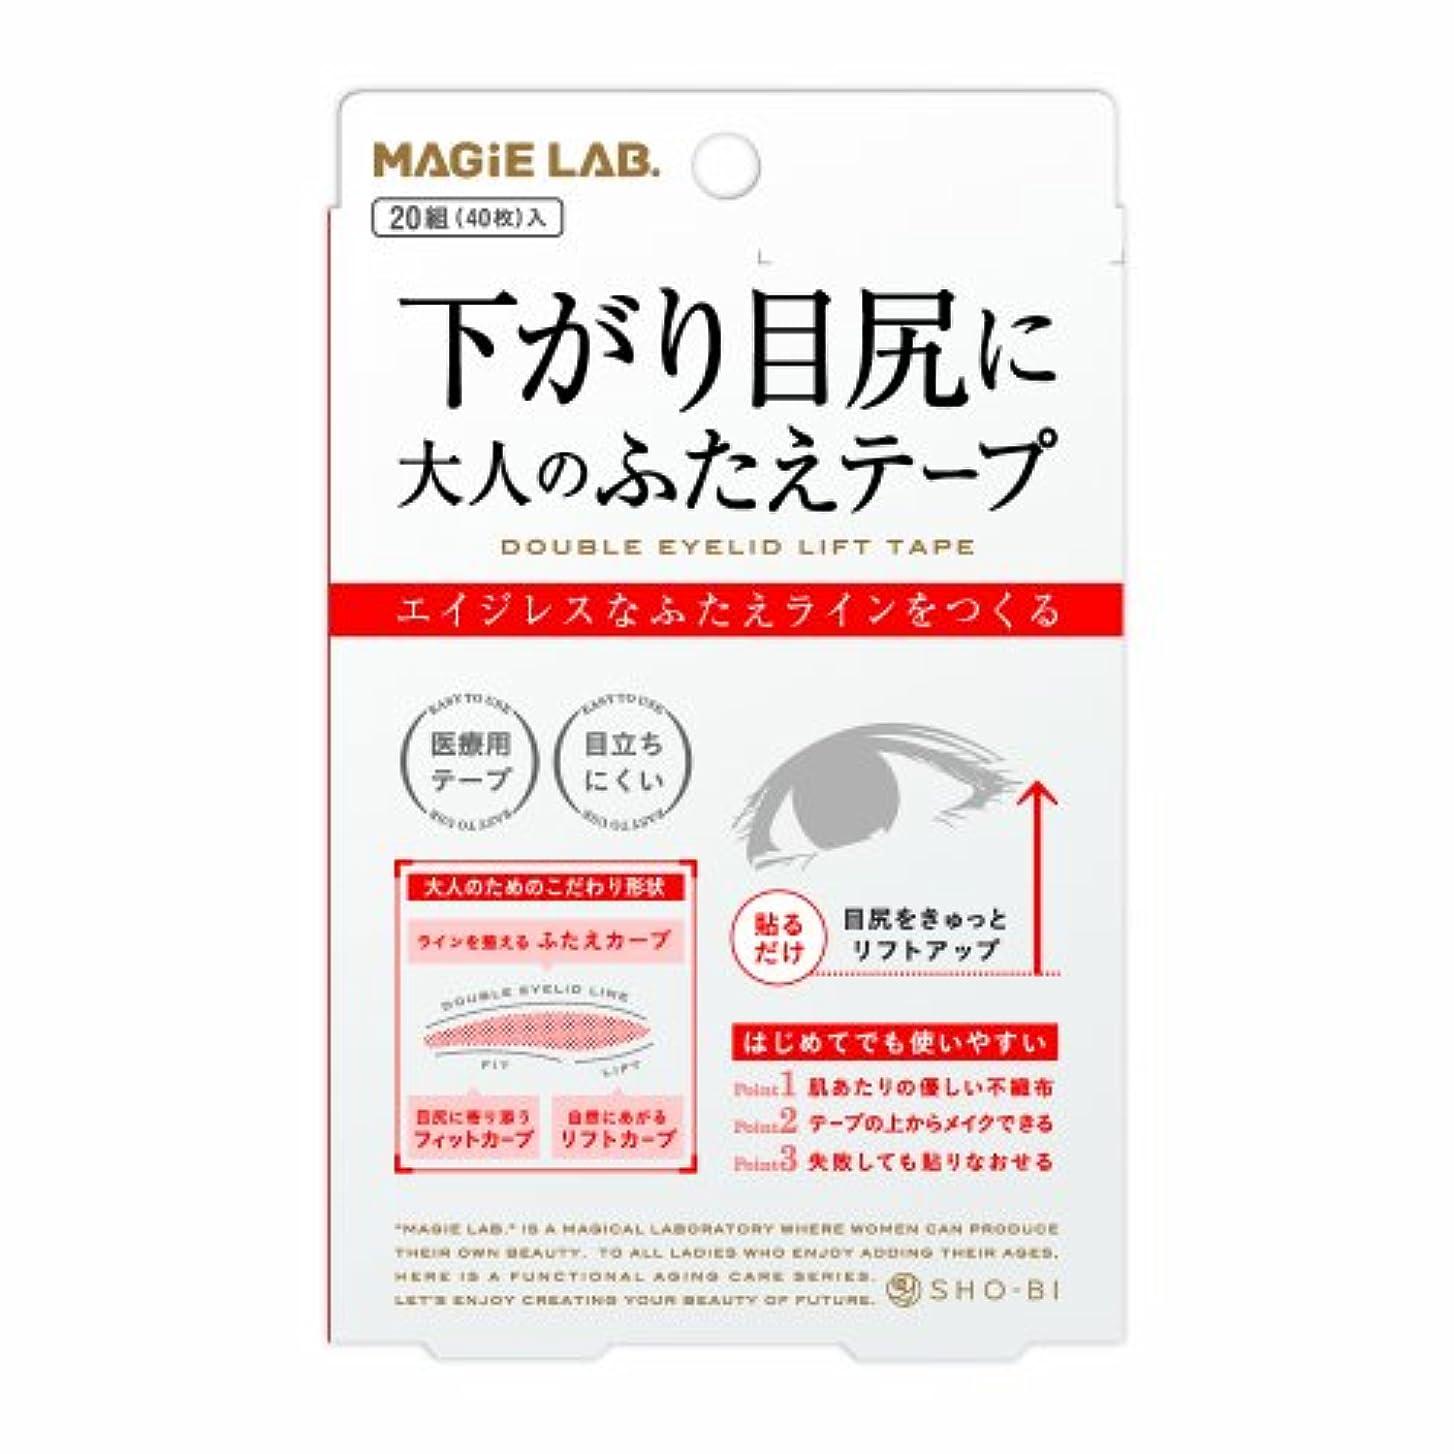 メイエラサーキュレーション請求可能MG22105 下がり目尻に 大人のふたえープ 20組40枚入 整形テープ マジラボ MAGiE LAB.